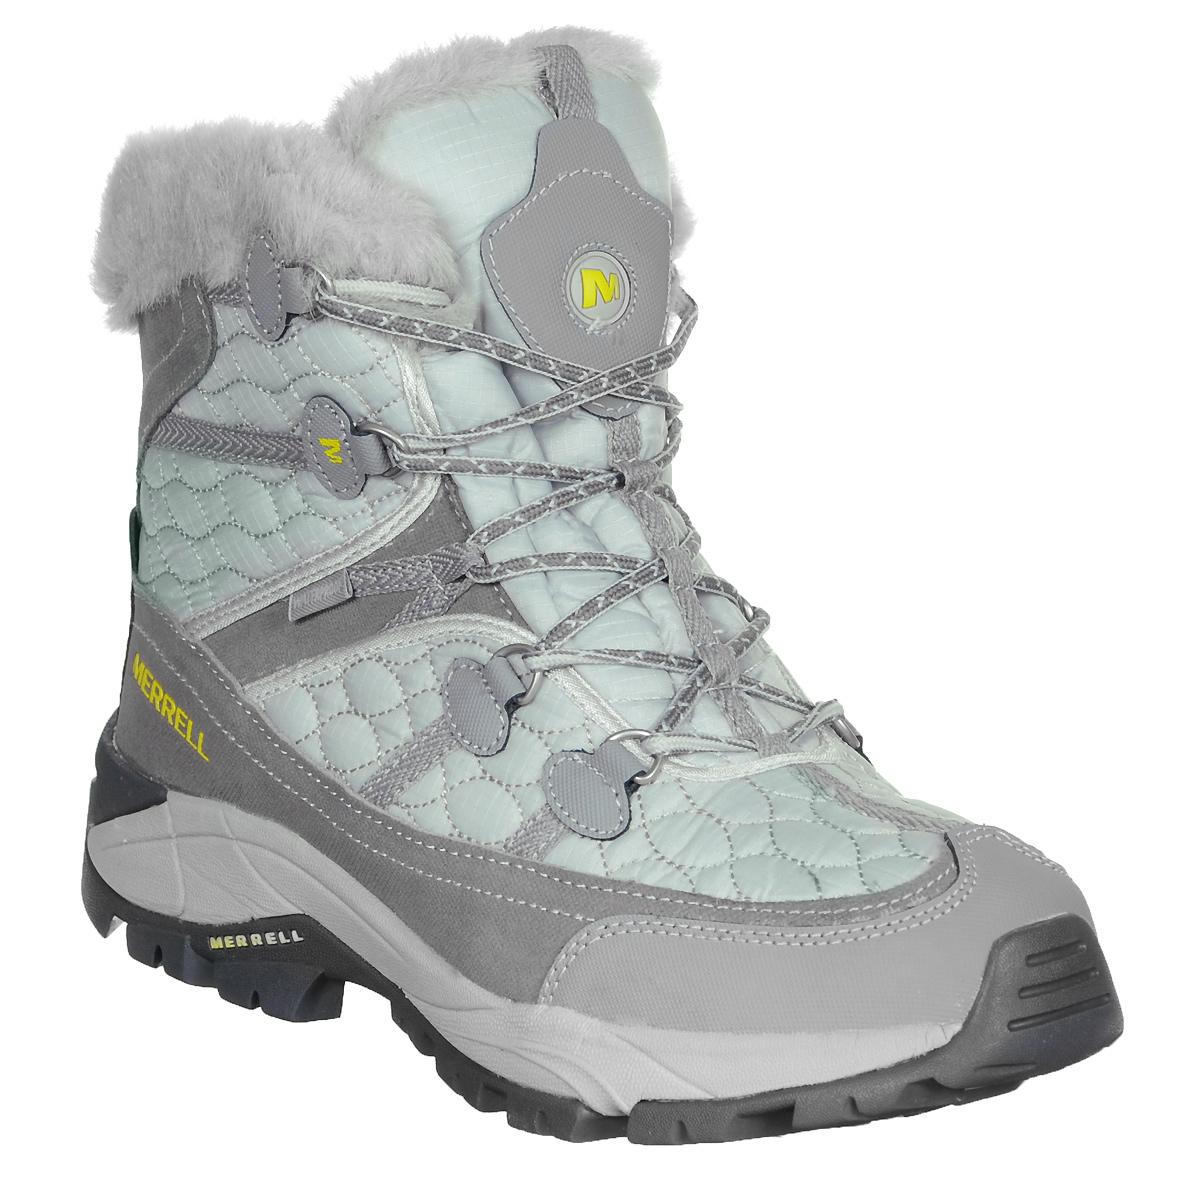 Ботинки трекинговые женские Merrell Cannonsburg, цвет: серый, мятный. J097132C. Размер 7H (38)J097132CУдобные трекинговые женские ботинки Cannonsburg от Merrell прекрасно подойдут для активного отдыха в холодное время. Верх модели выполнен из натуральной кожи и текстиля. Подкладка из мягкого флиса защитит ноги от холода и обеспечит комфорт. Шнуровка надежно фиксирует модель на ноге. Вшитый язычок обеспечивает дополнительную термоизоляцию. Утеплитель Merrell Opti-Warm200 сохранит ваши ноги в тепле на длительный период. Ботинки оформлены меховой окантовкой, оригинальной прострочкой, сбоку рельефной надписью в виде названия бренда, на язычке логотипом Merrell.Промежуточная подошва выполнена из ЭВА с Air Cushion - гибкого, легкого материала обладающего отличной амортизацией, который стабилизирует и защищает от ударов стопу. Подошва из резины с рельефным протектором обеспечивает отличное сцепление на любой поверхности. Эти ботинки оптимальный вариант для трекинга. В них вашим ногам будет комфортно и уютно.